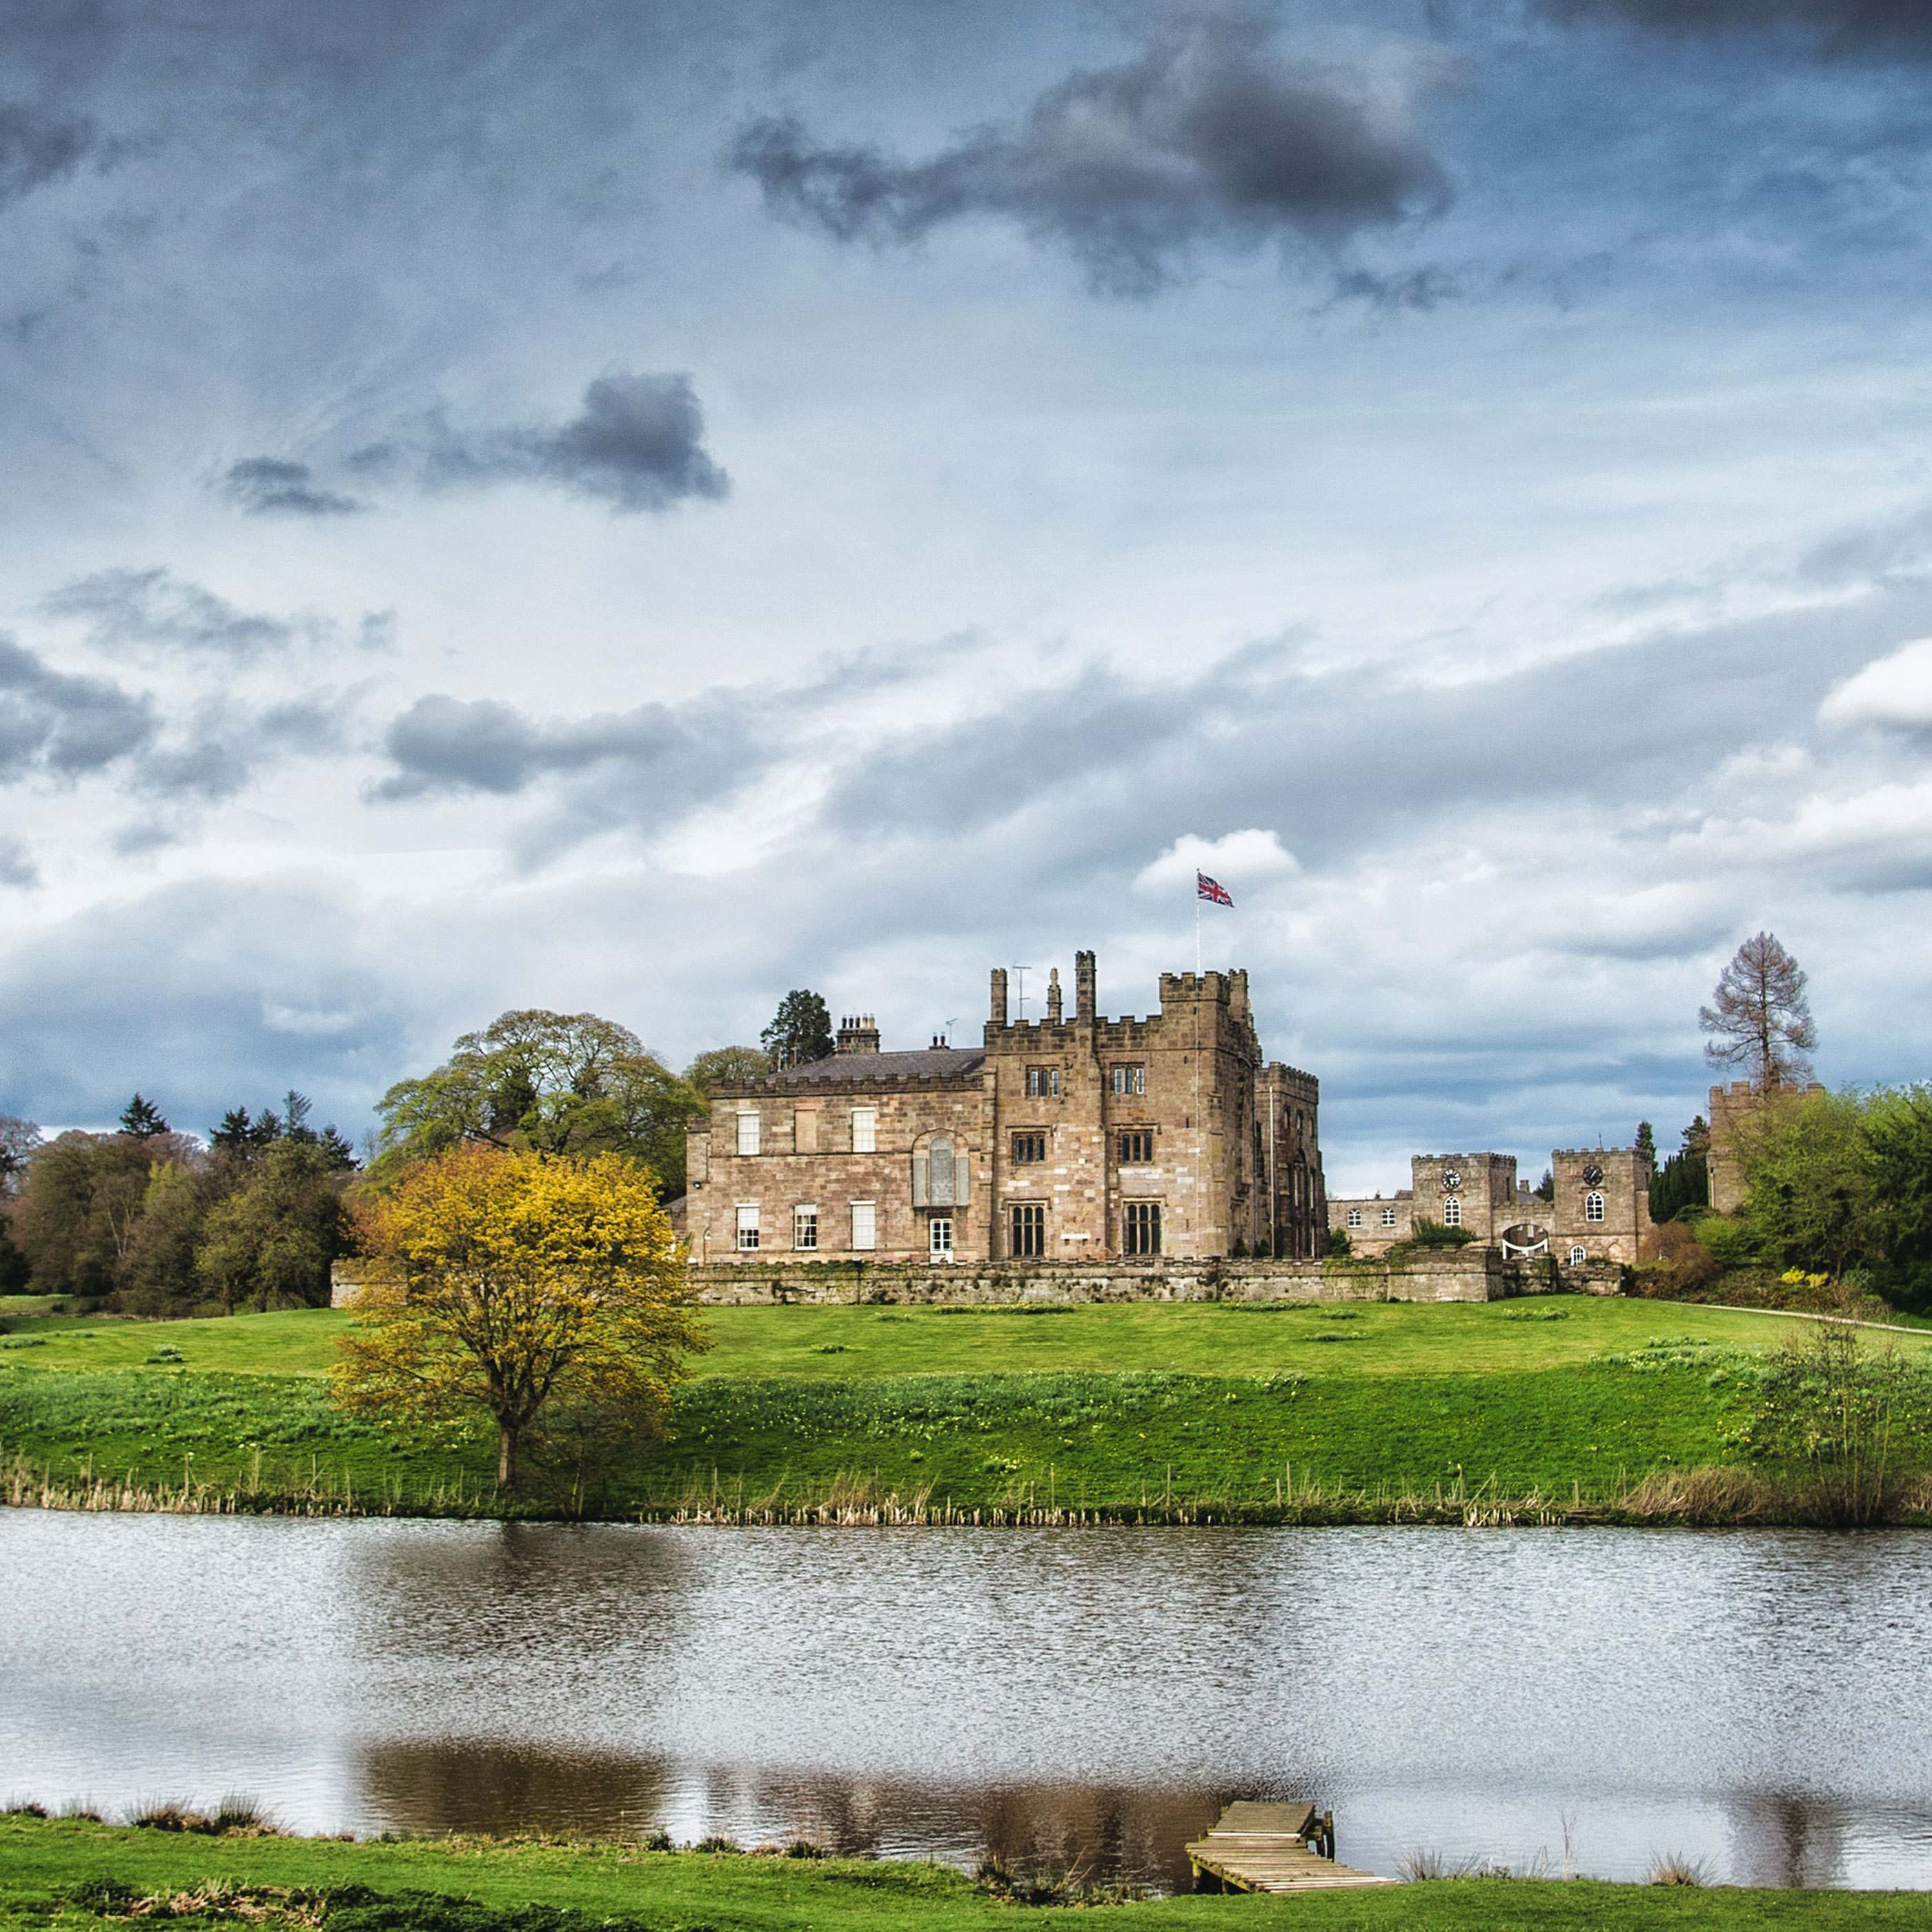 Frank Boddy: Ripley Castle